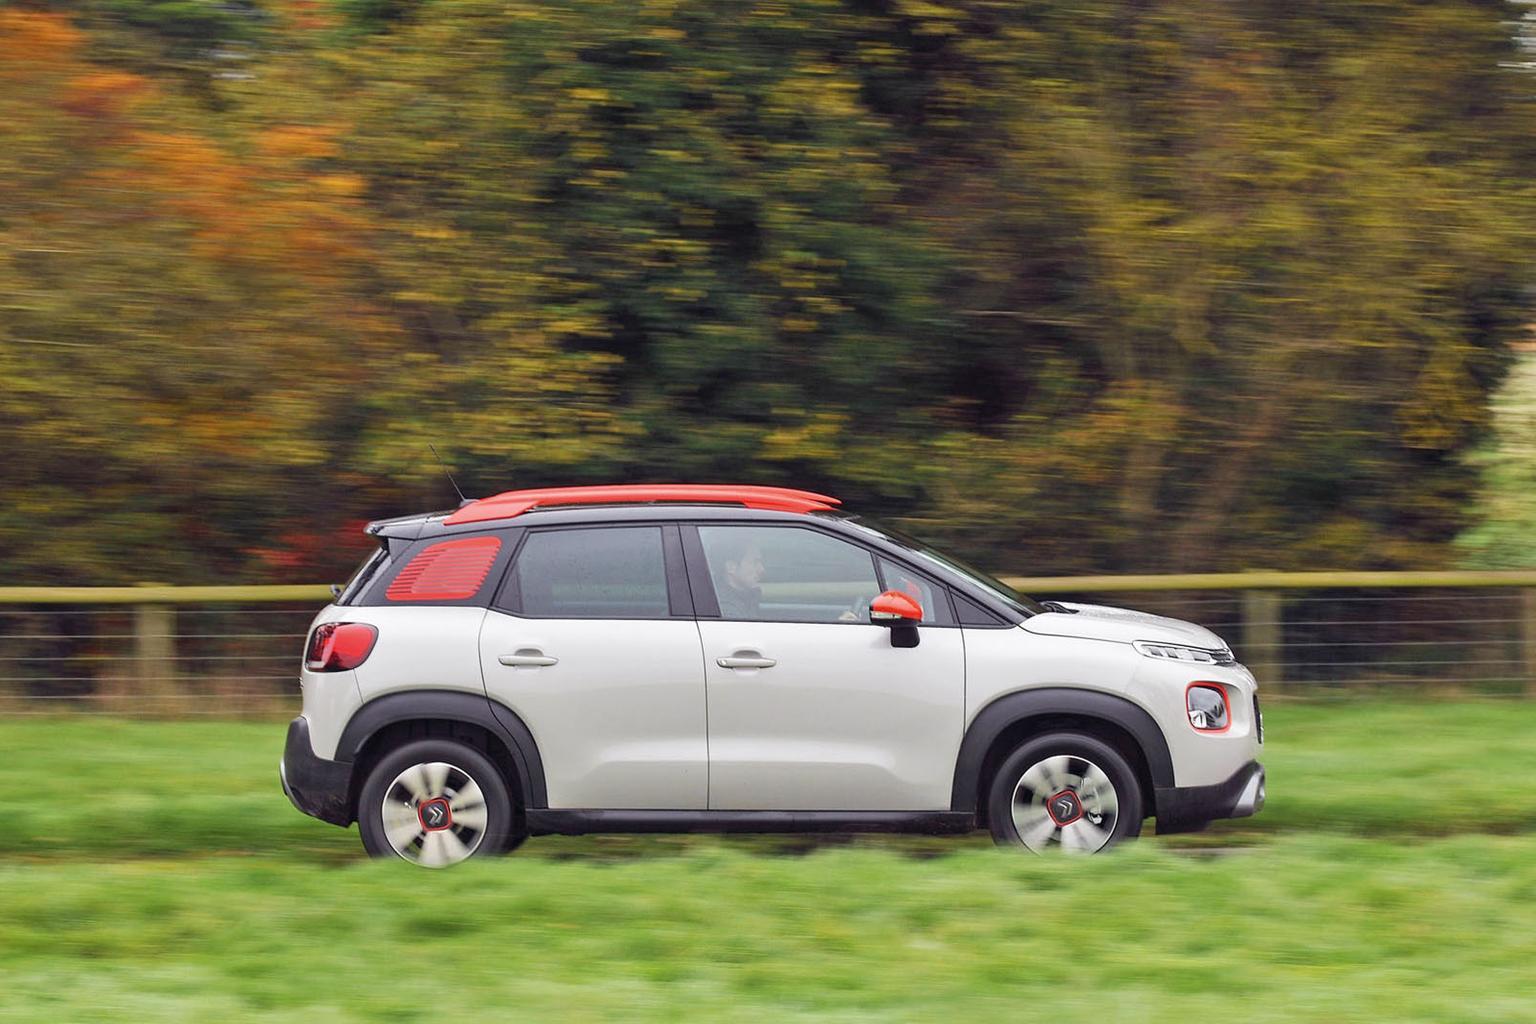 Citroën C3 Aircross vs Kia Stonic vs Seat Arona